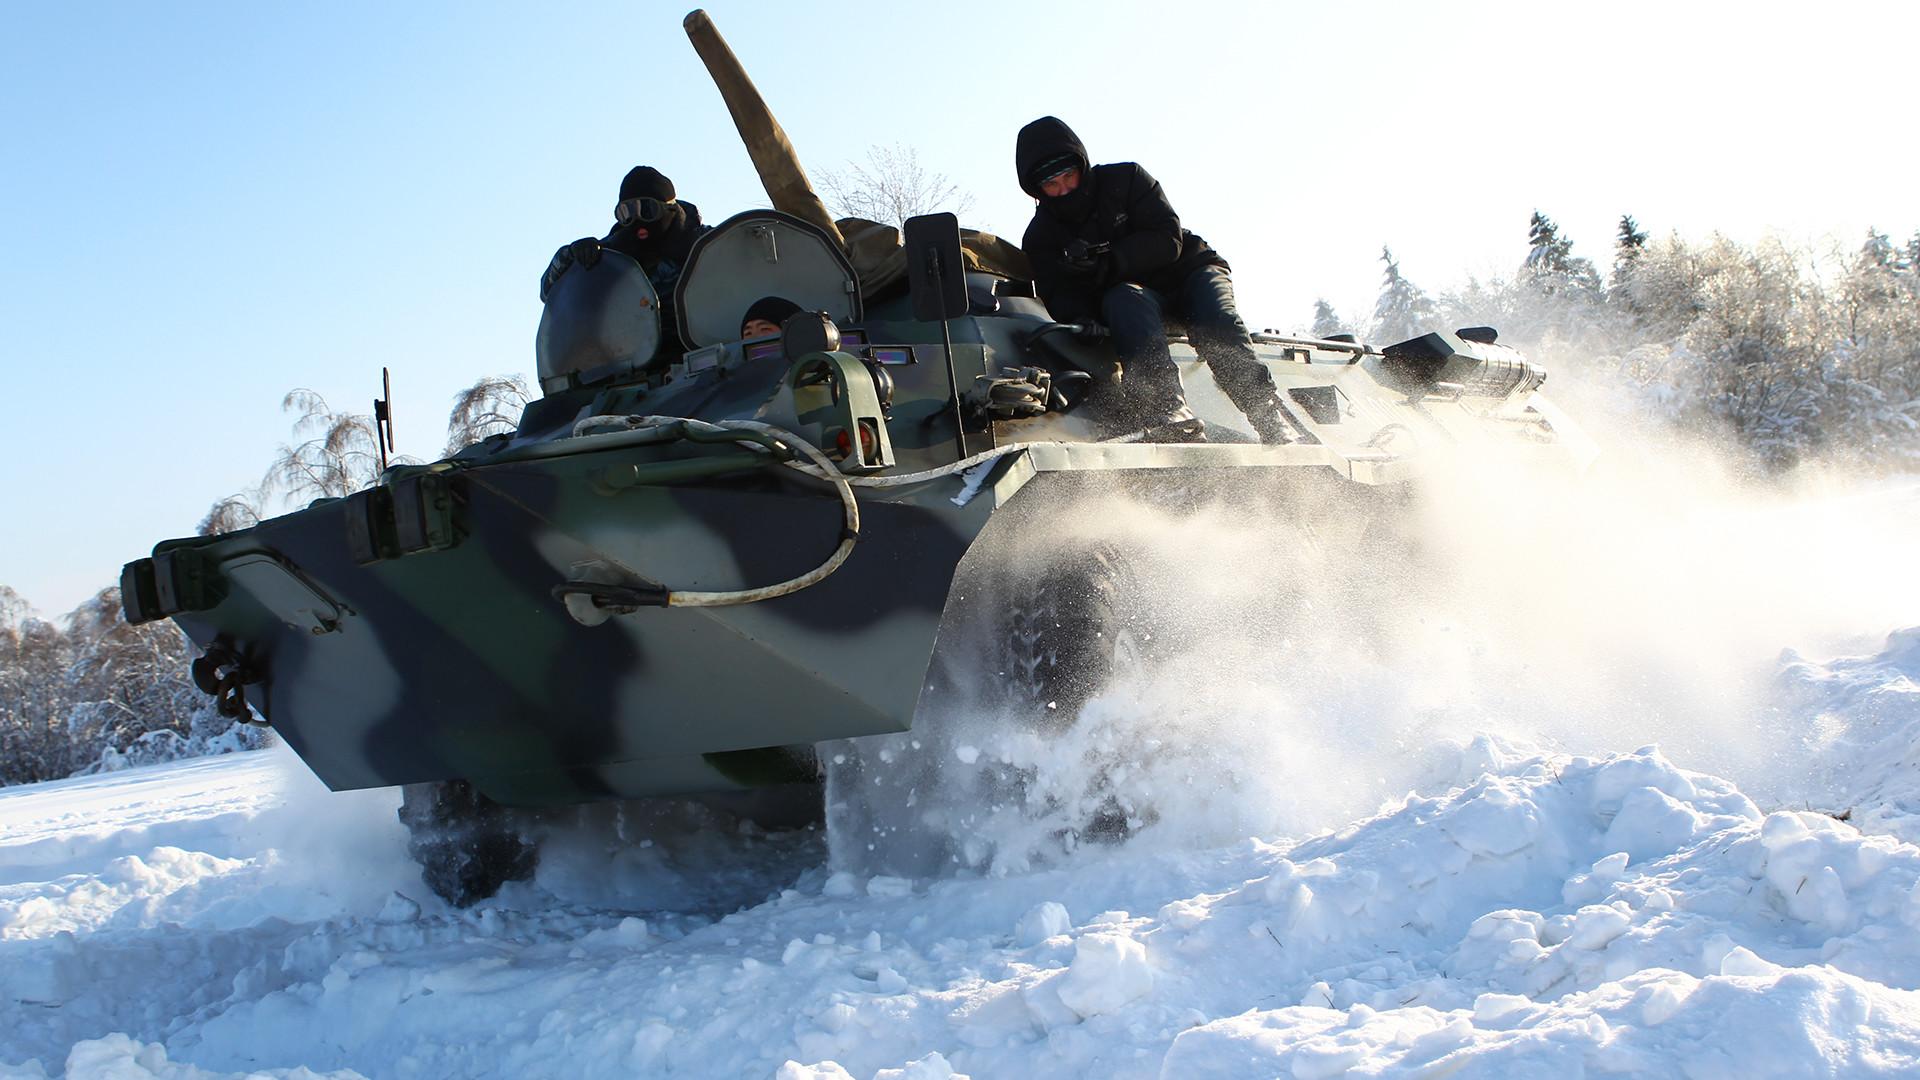 Припадници московског ОМОН-а се обучавају да управљају борбеним оклопним транспортерима на неравном терену.